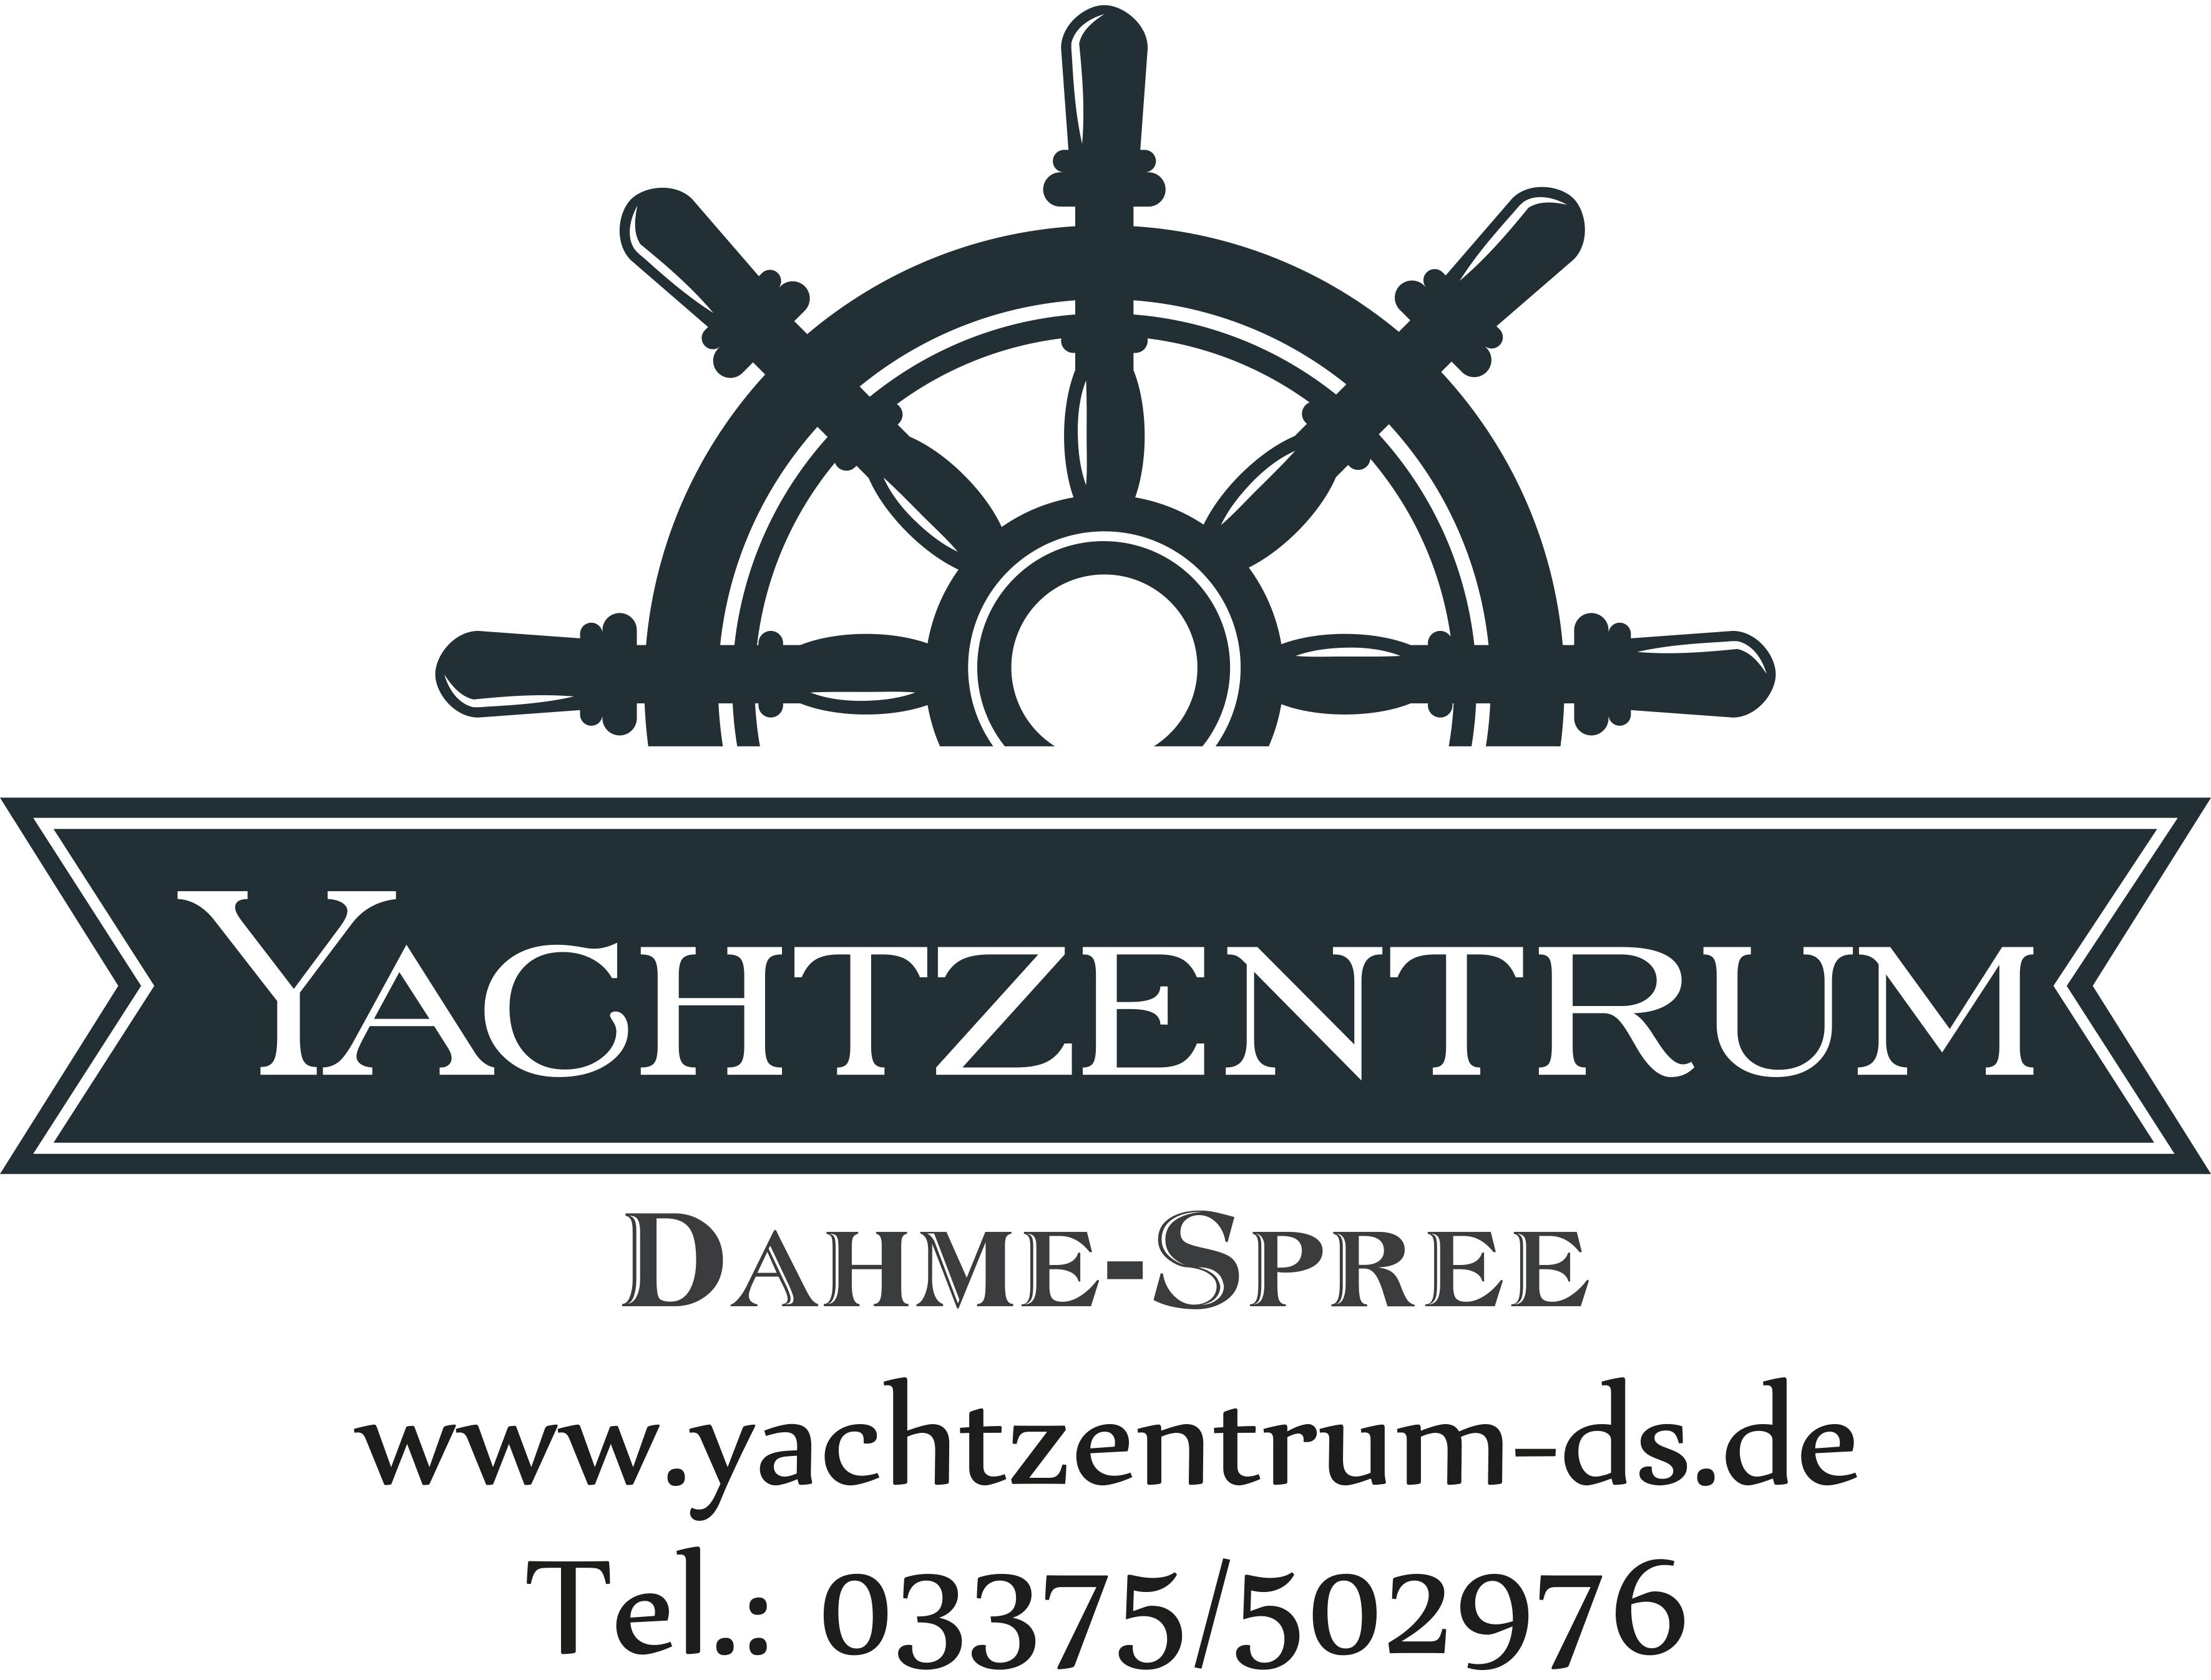 Yachtzentrum Dahme-Spree